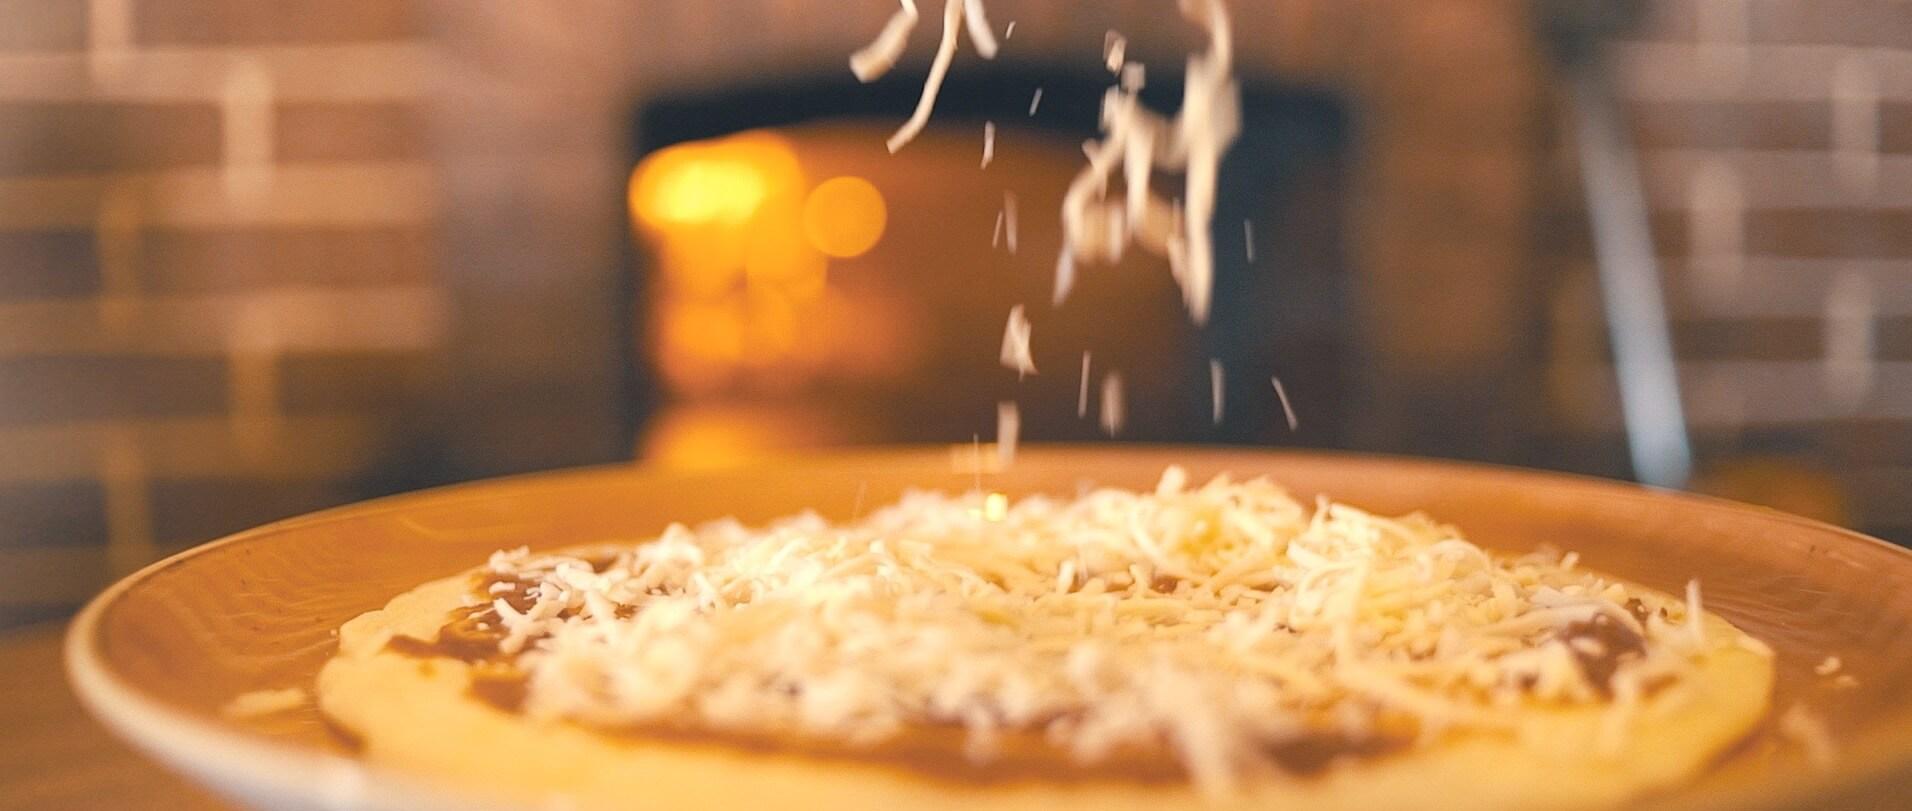 pizza-rota